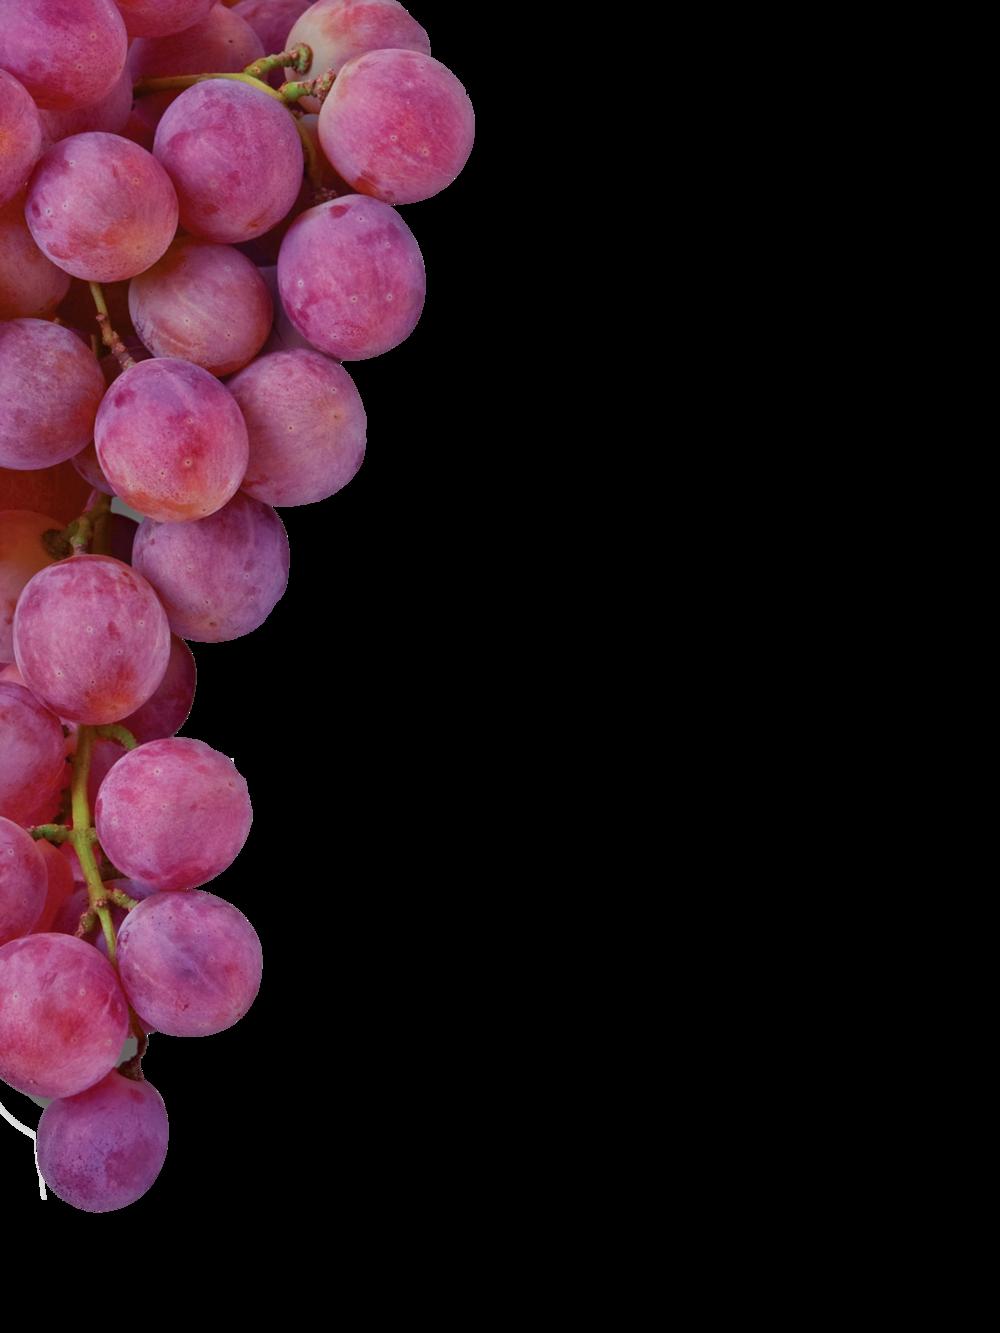 grapes sharing christ no shadow.png